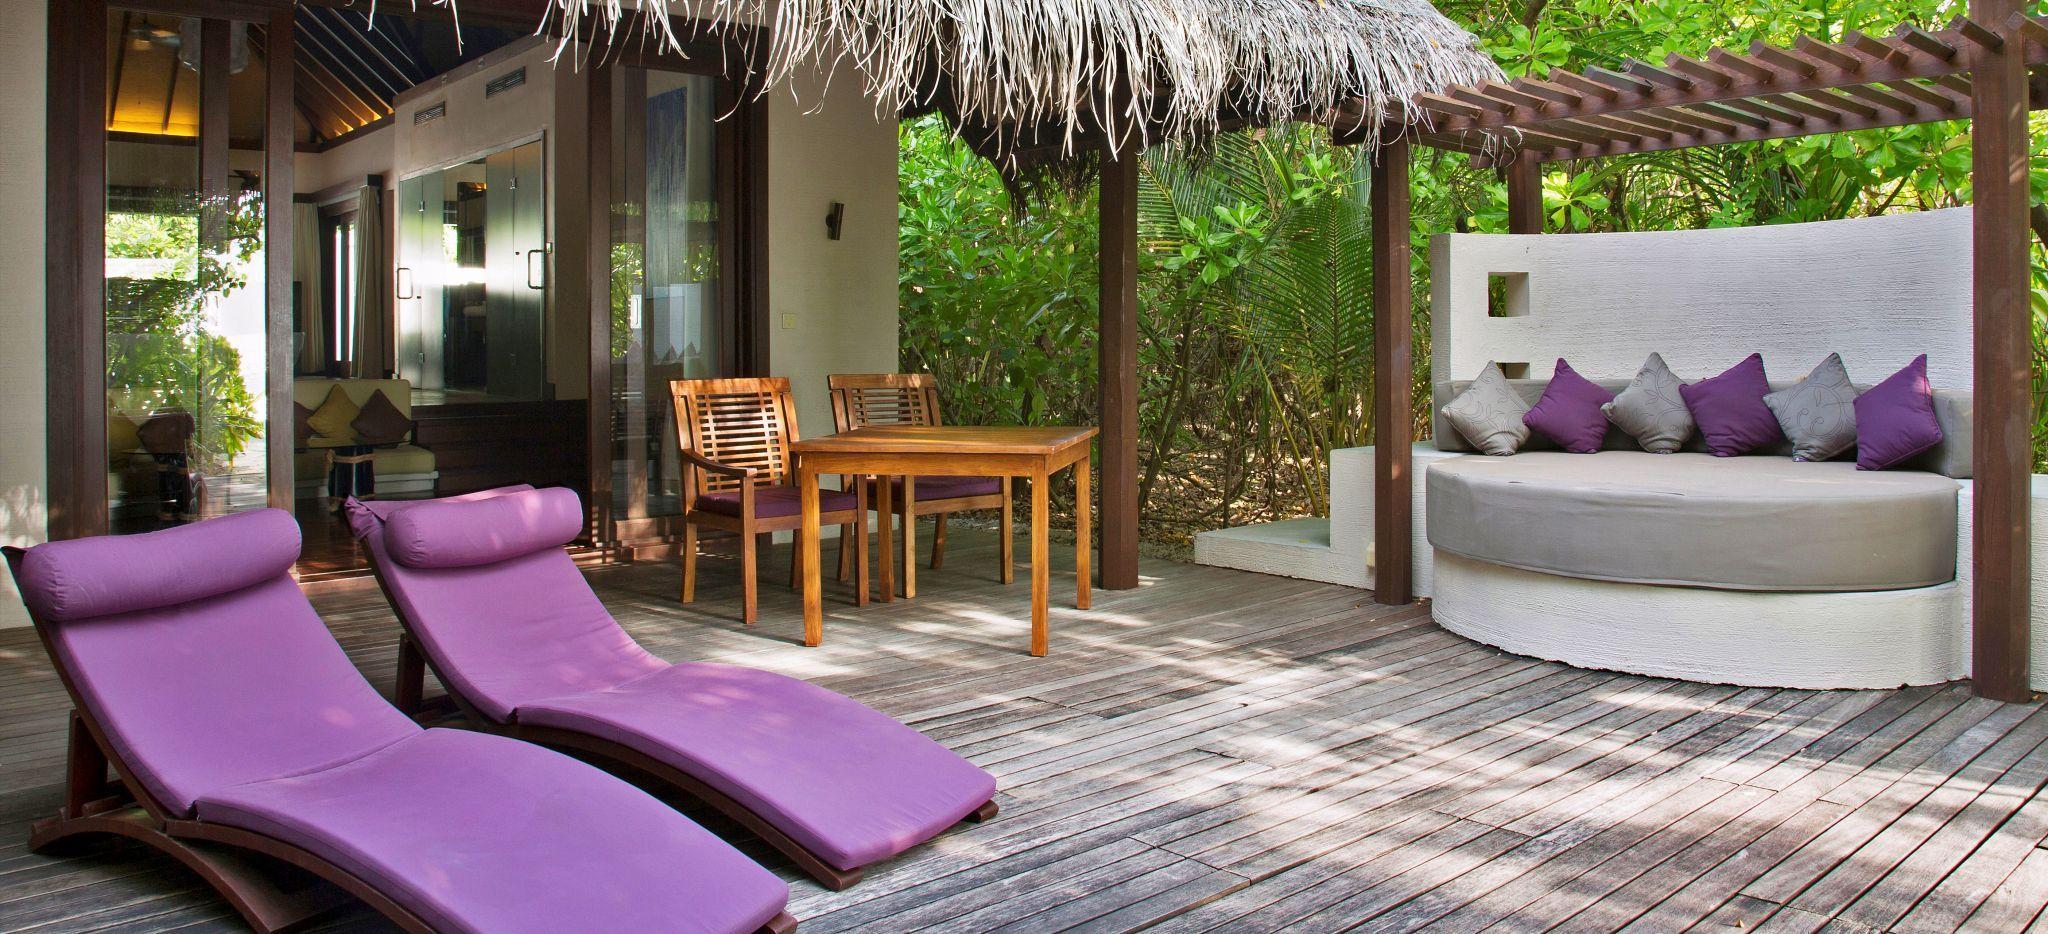 Ein Terrassenbereich auf Sand vor dem Hotelzimmer Island Villa im Hotel Coco Bodu Hithi